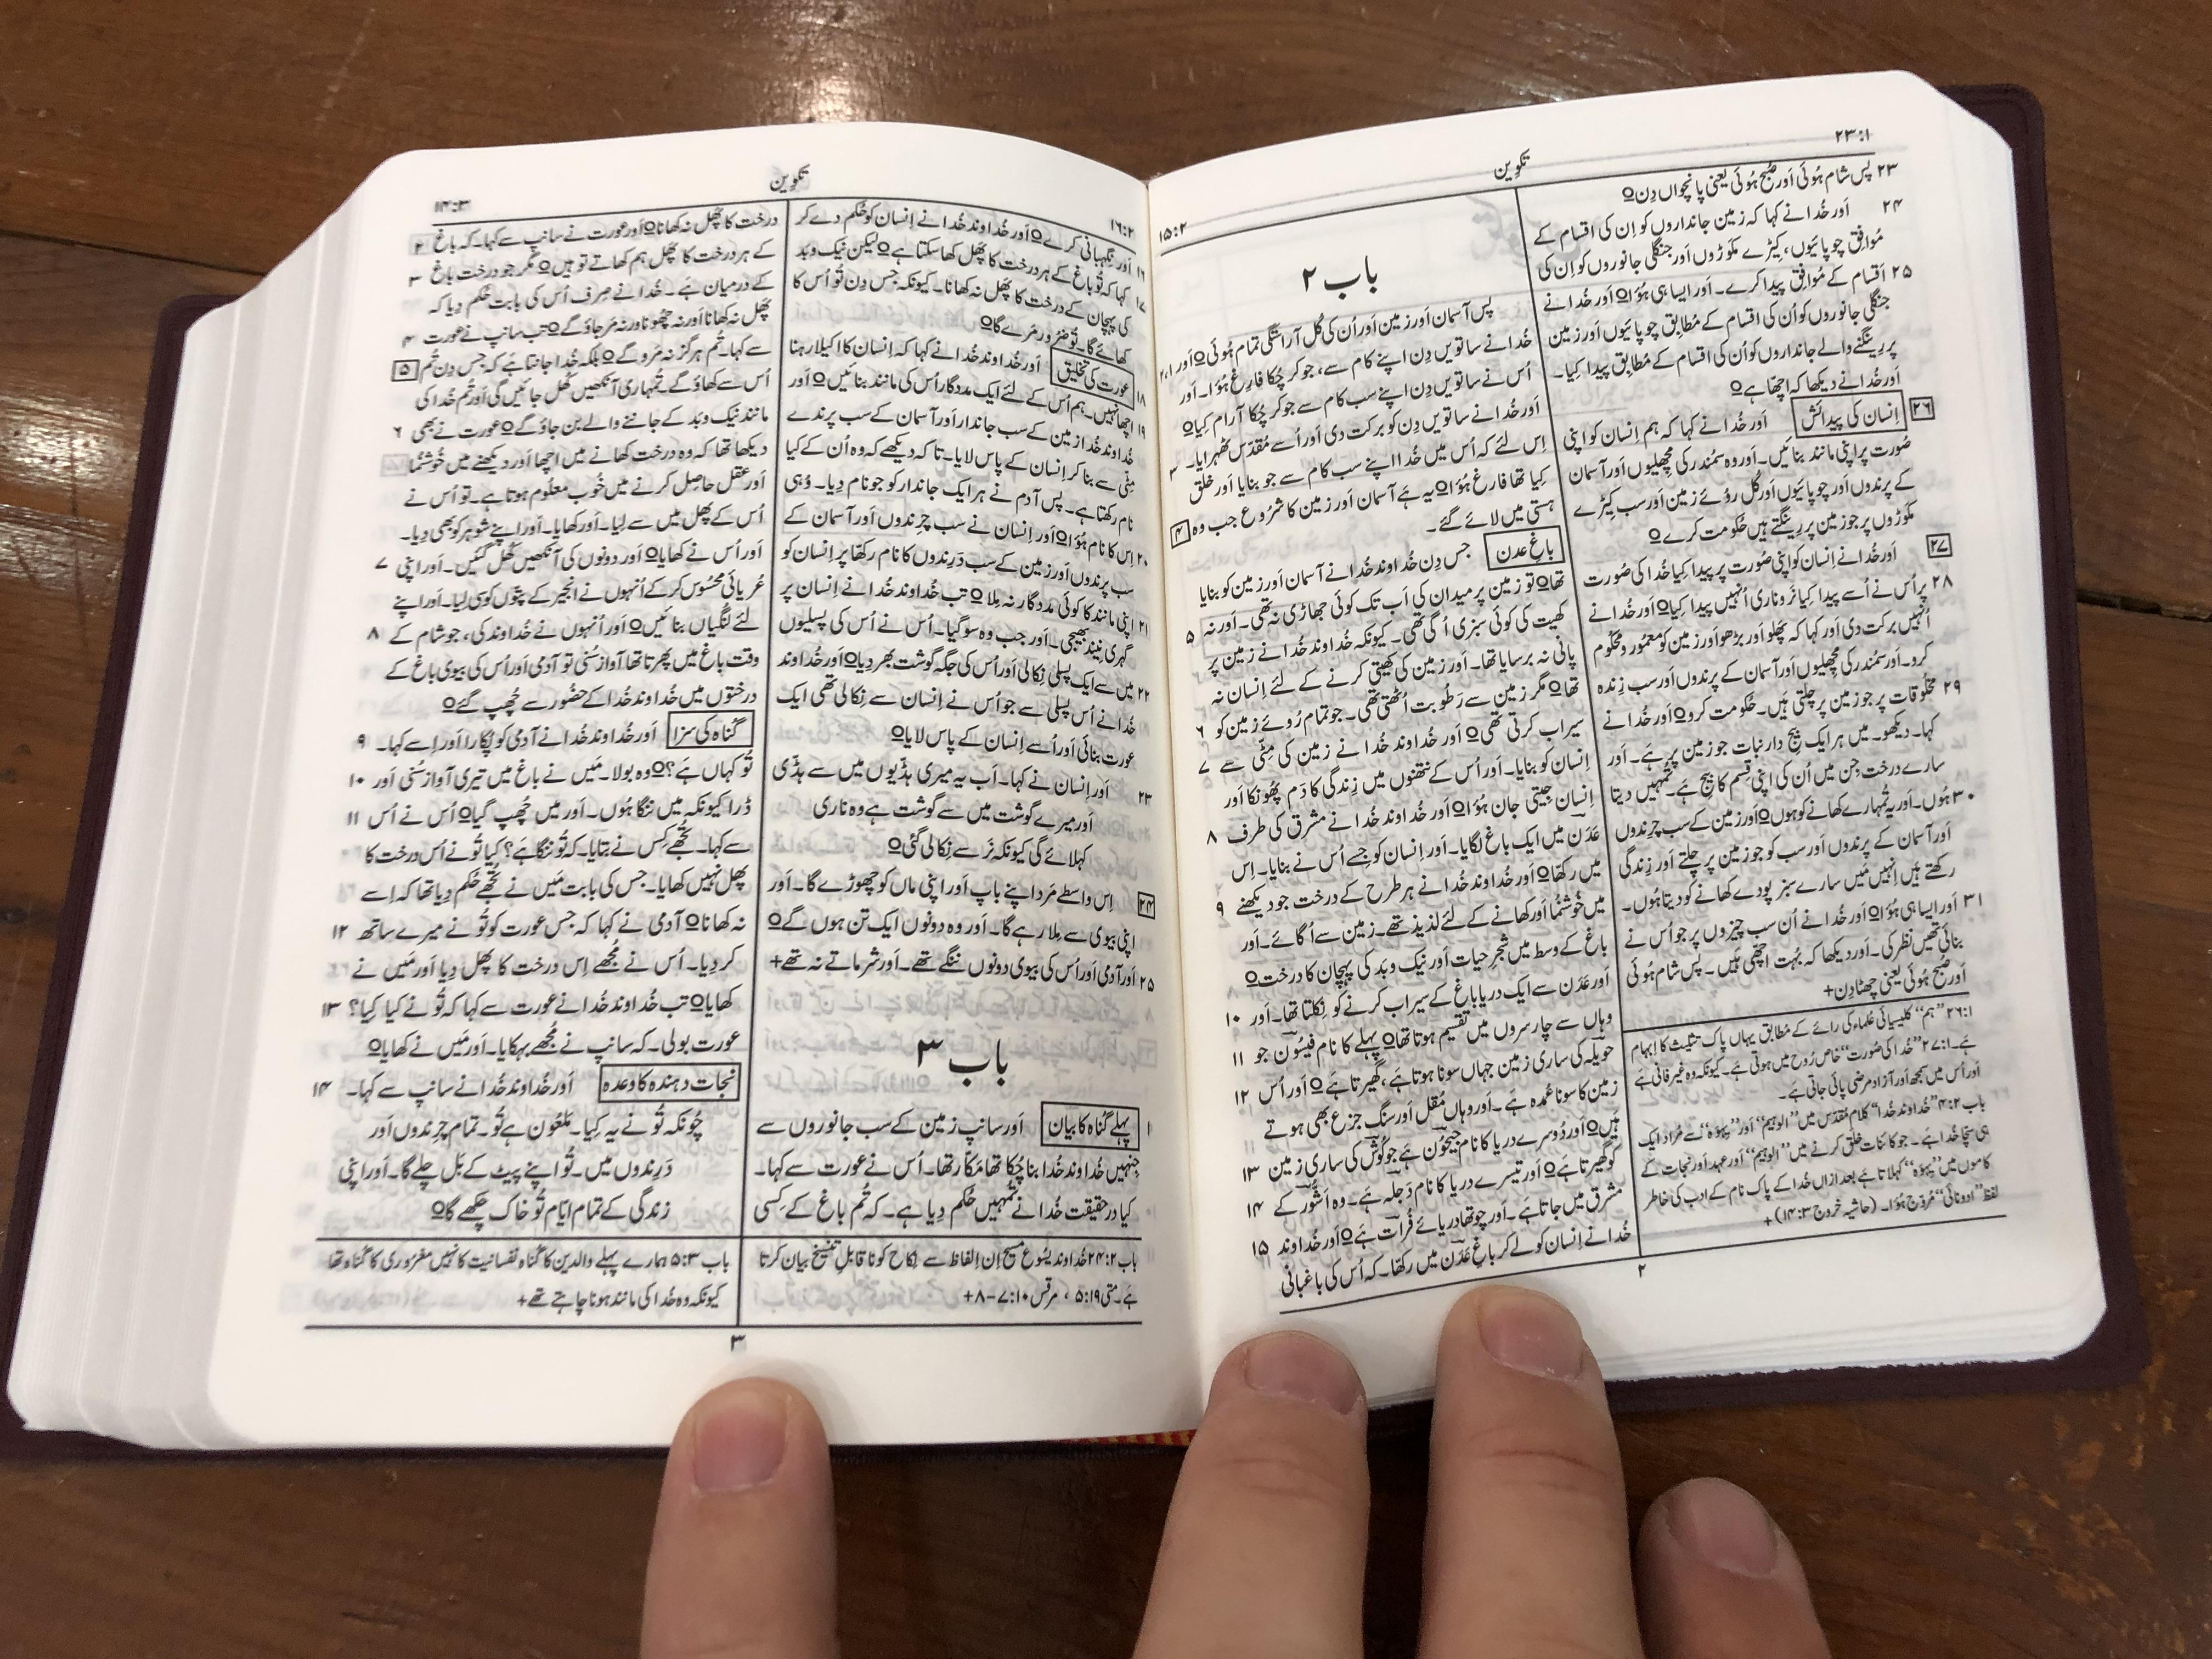 urdu-catholic-bible-black-vinyl-bound-catholic-bible-commission-pakistan-2007-kalam-e-muqaddas-with-color-maps-6-.jpg